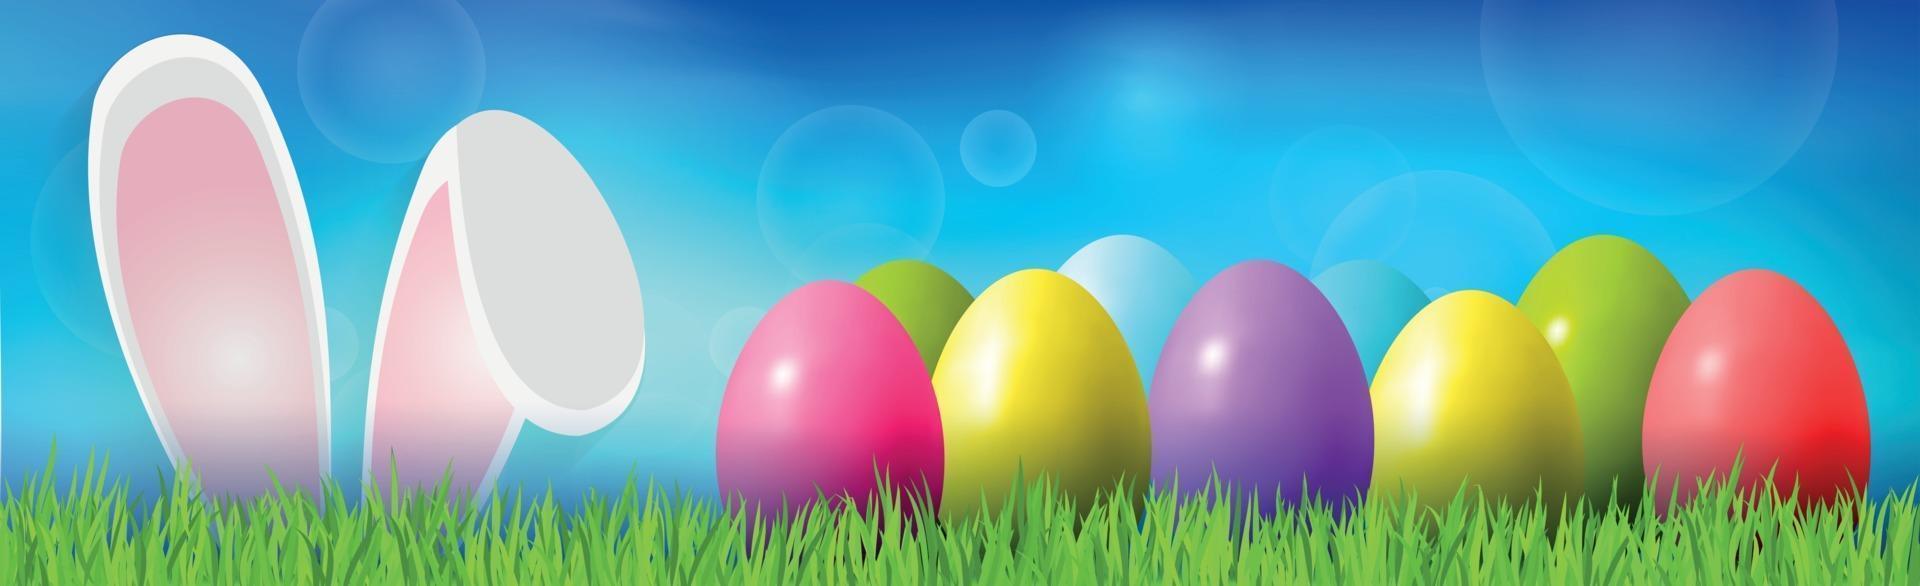 Pasen achtergrond met kleurrijke eieren liggend op het gras, bunny oren - vector afbeelding